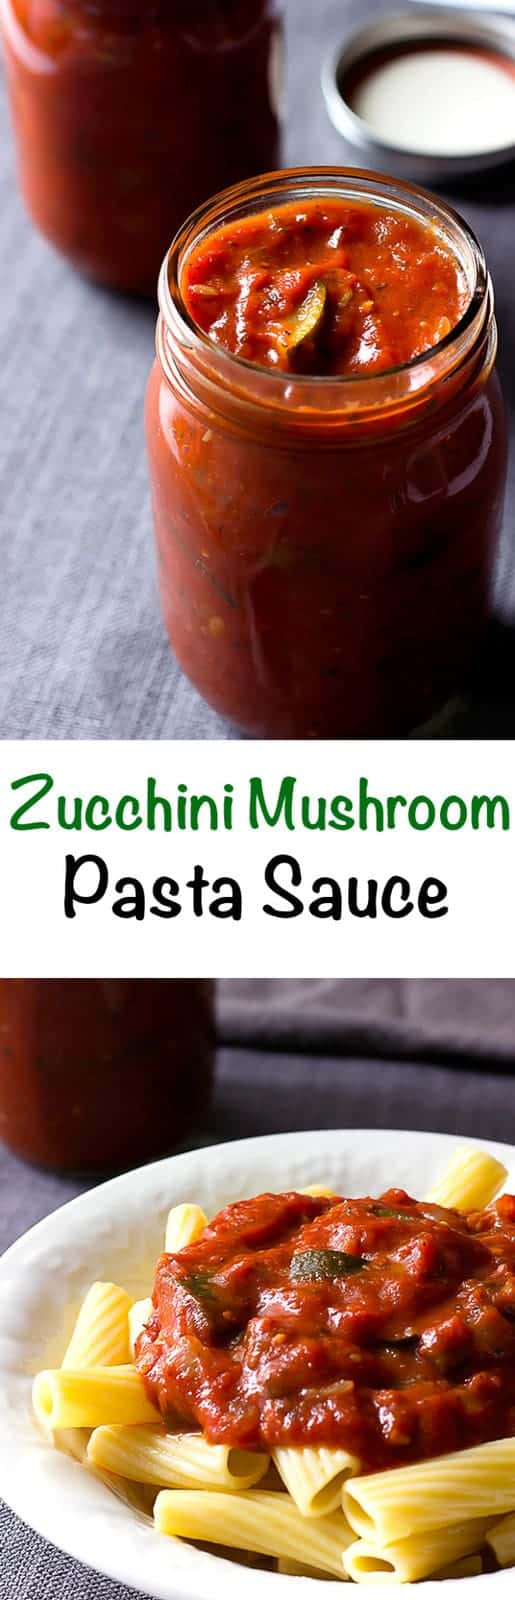 Zucchini Mushroom Pasta Sauce